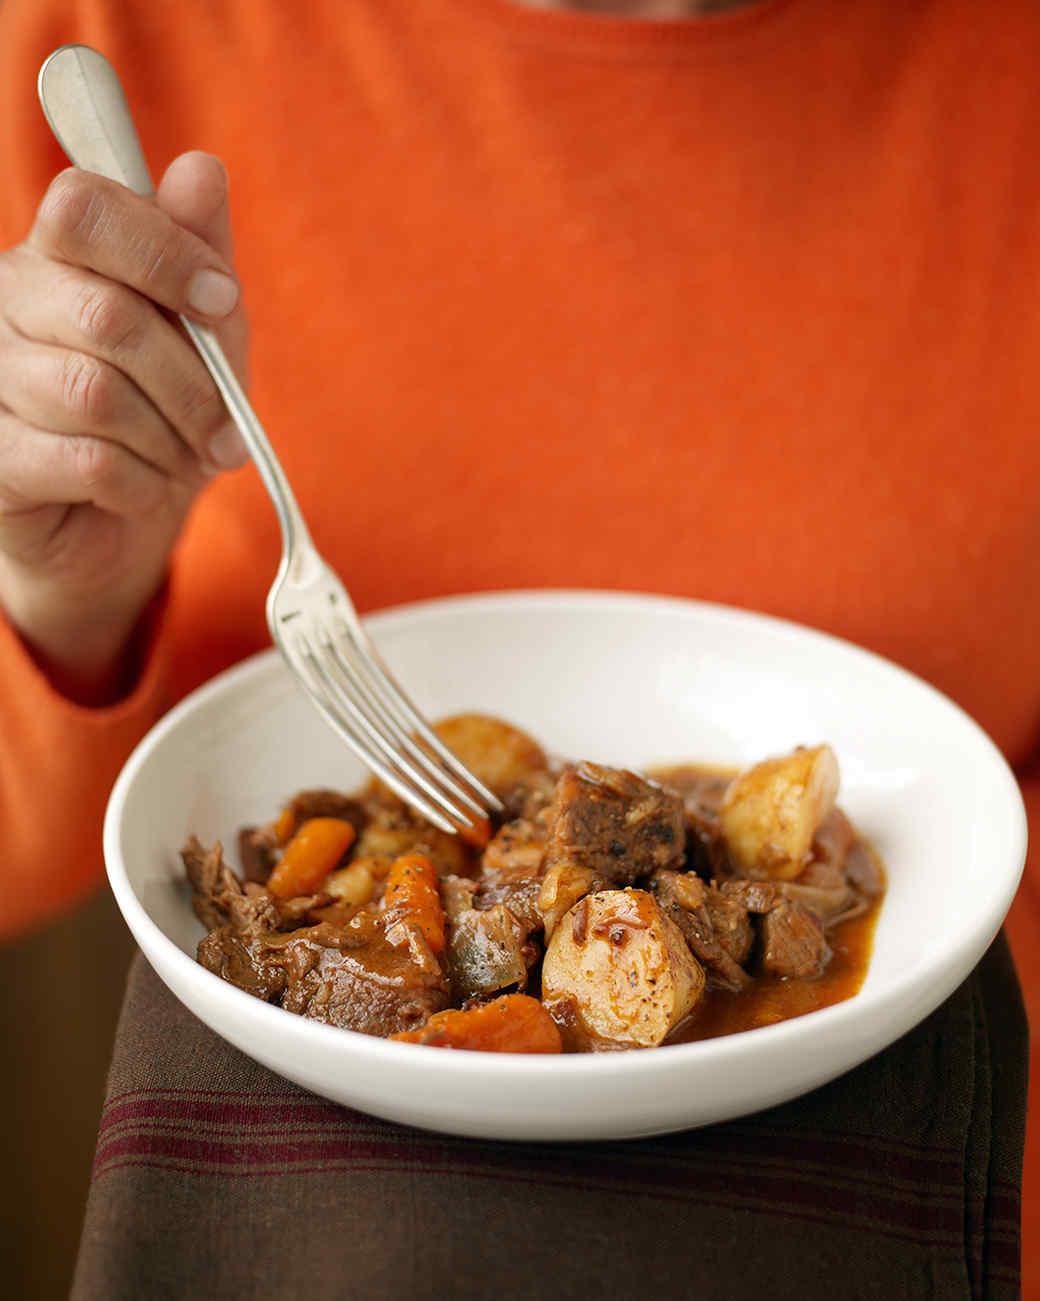 edf_oct06_meat_stew.jpg